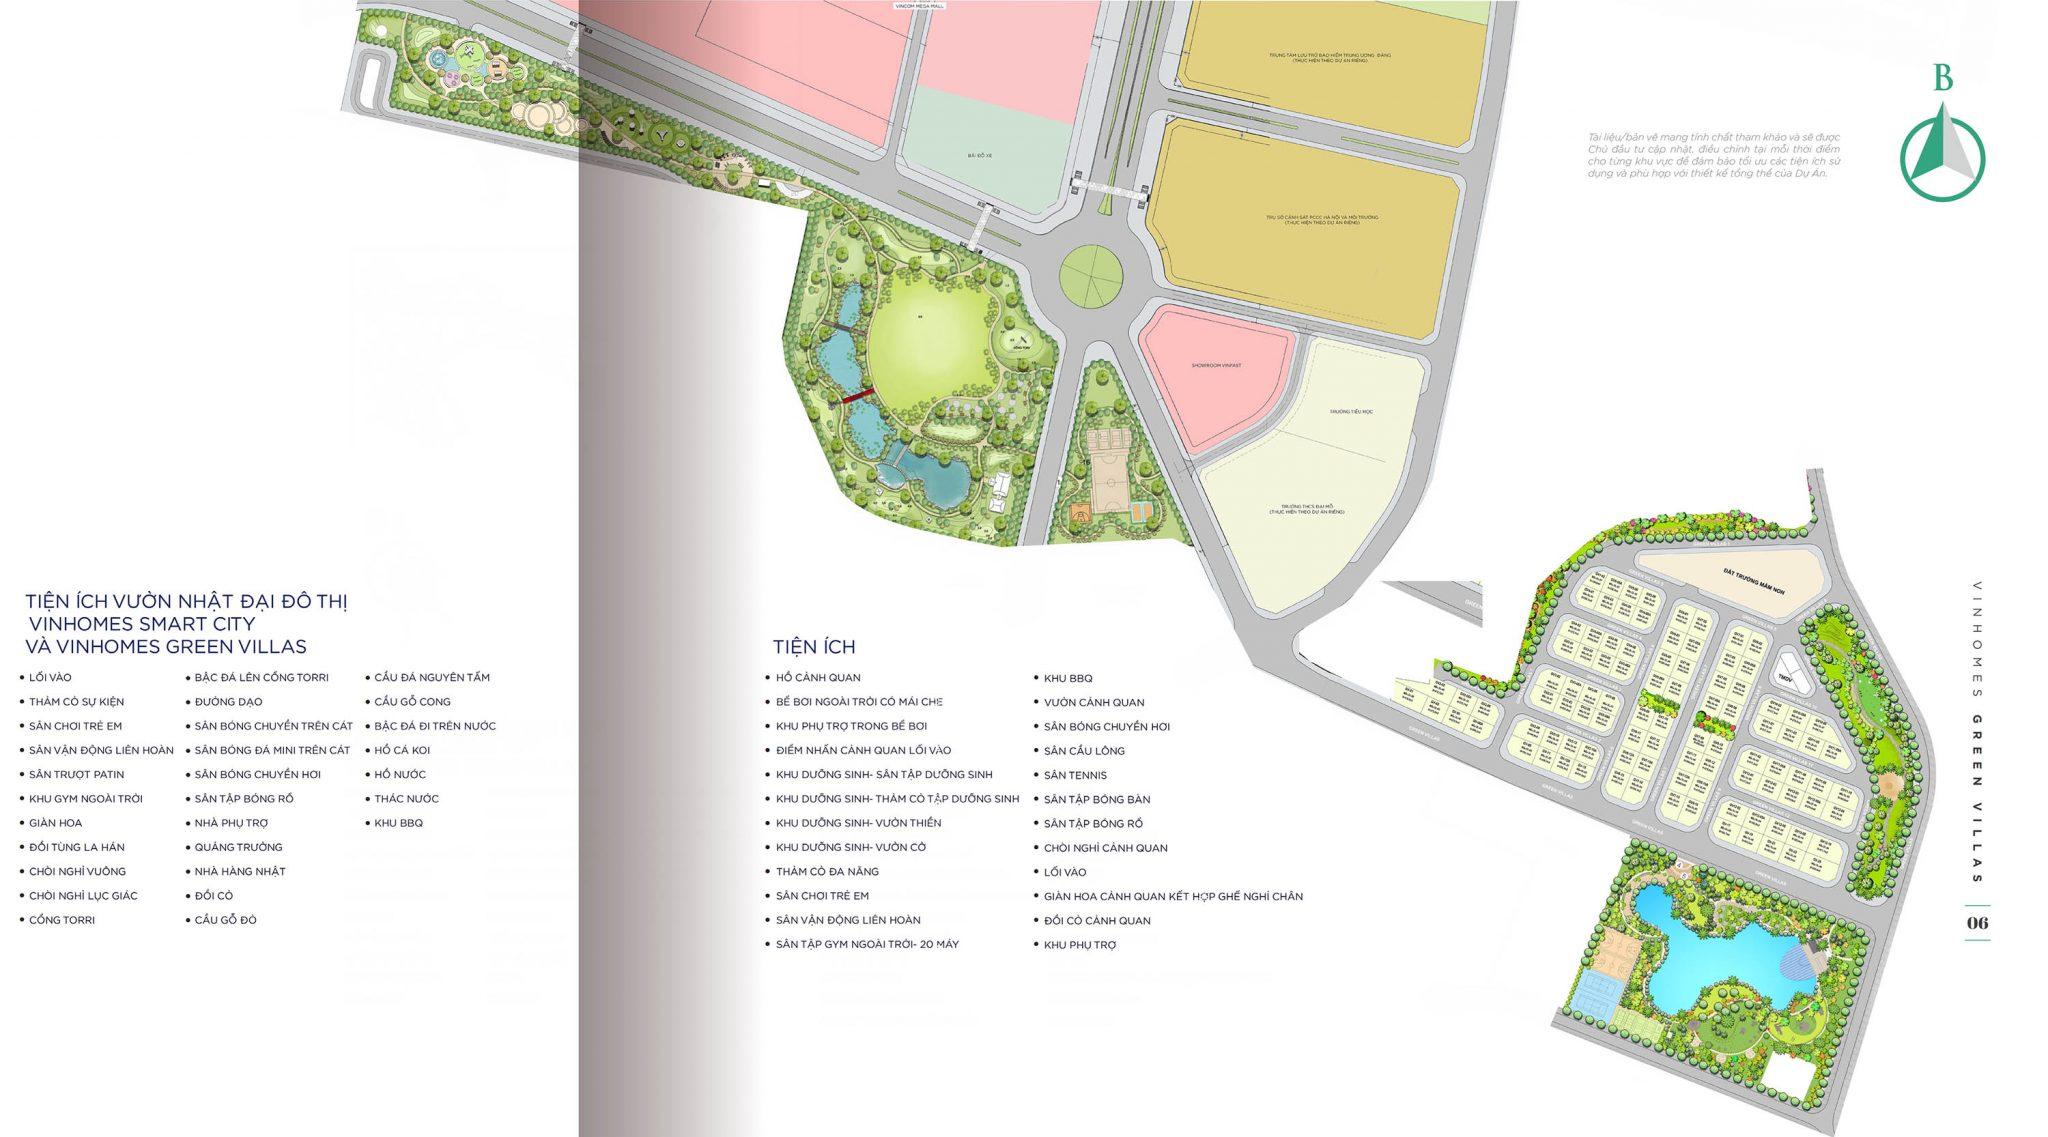 mat-bang-tien-ich-vinhomes-green-villas